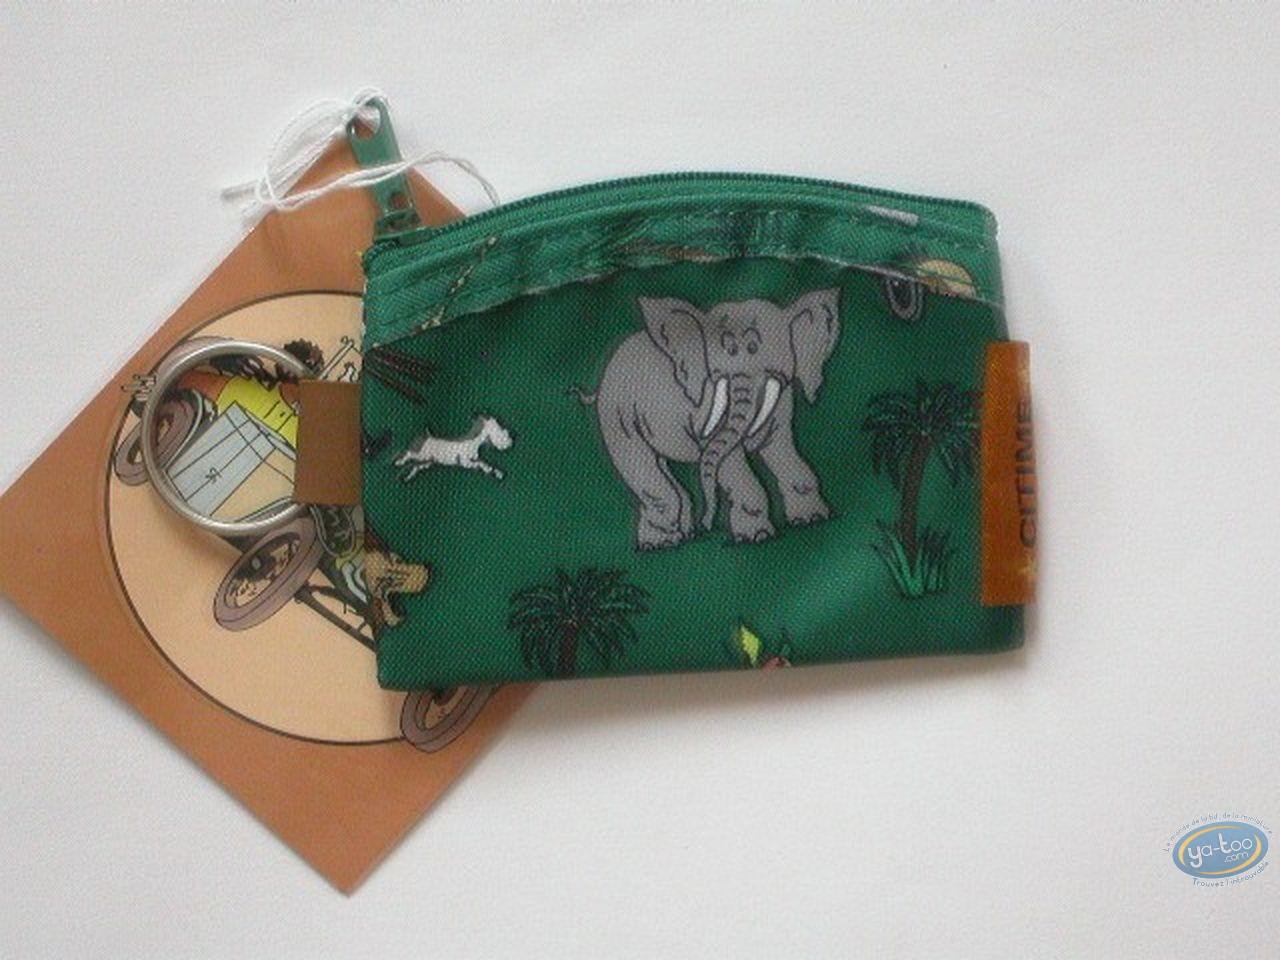 Luggage, Tintin : Purse, Tintin green